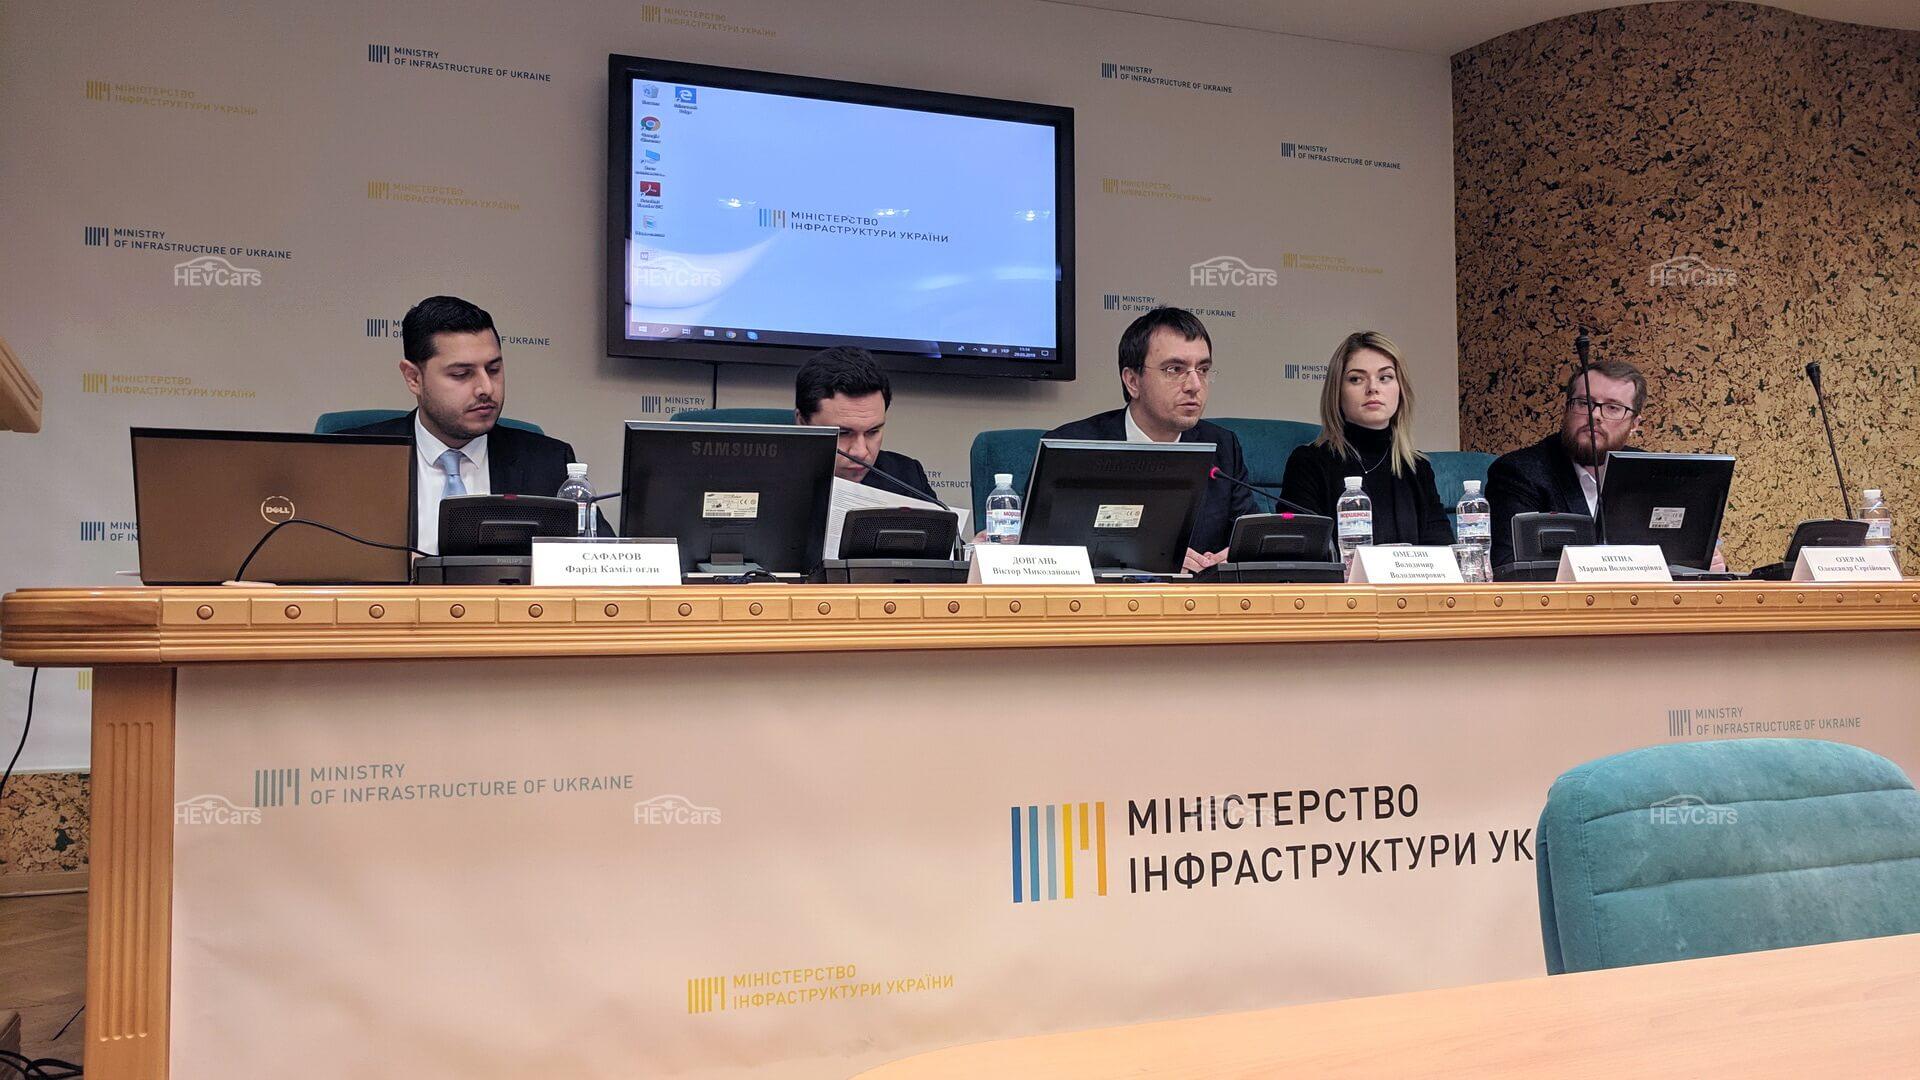 Создана рабочая группа для решения проблем электромобильной отрасли Украины